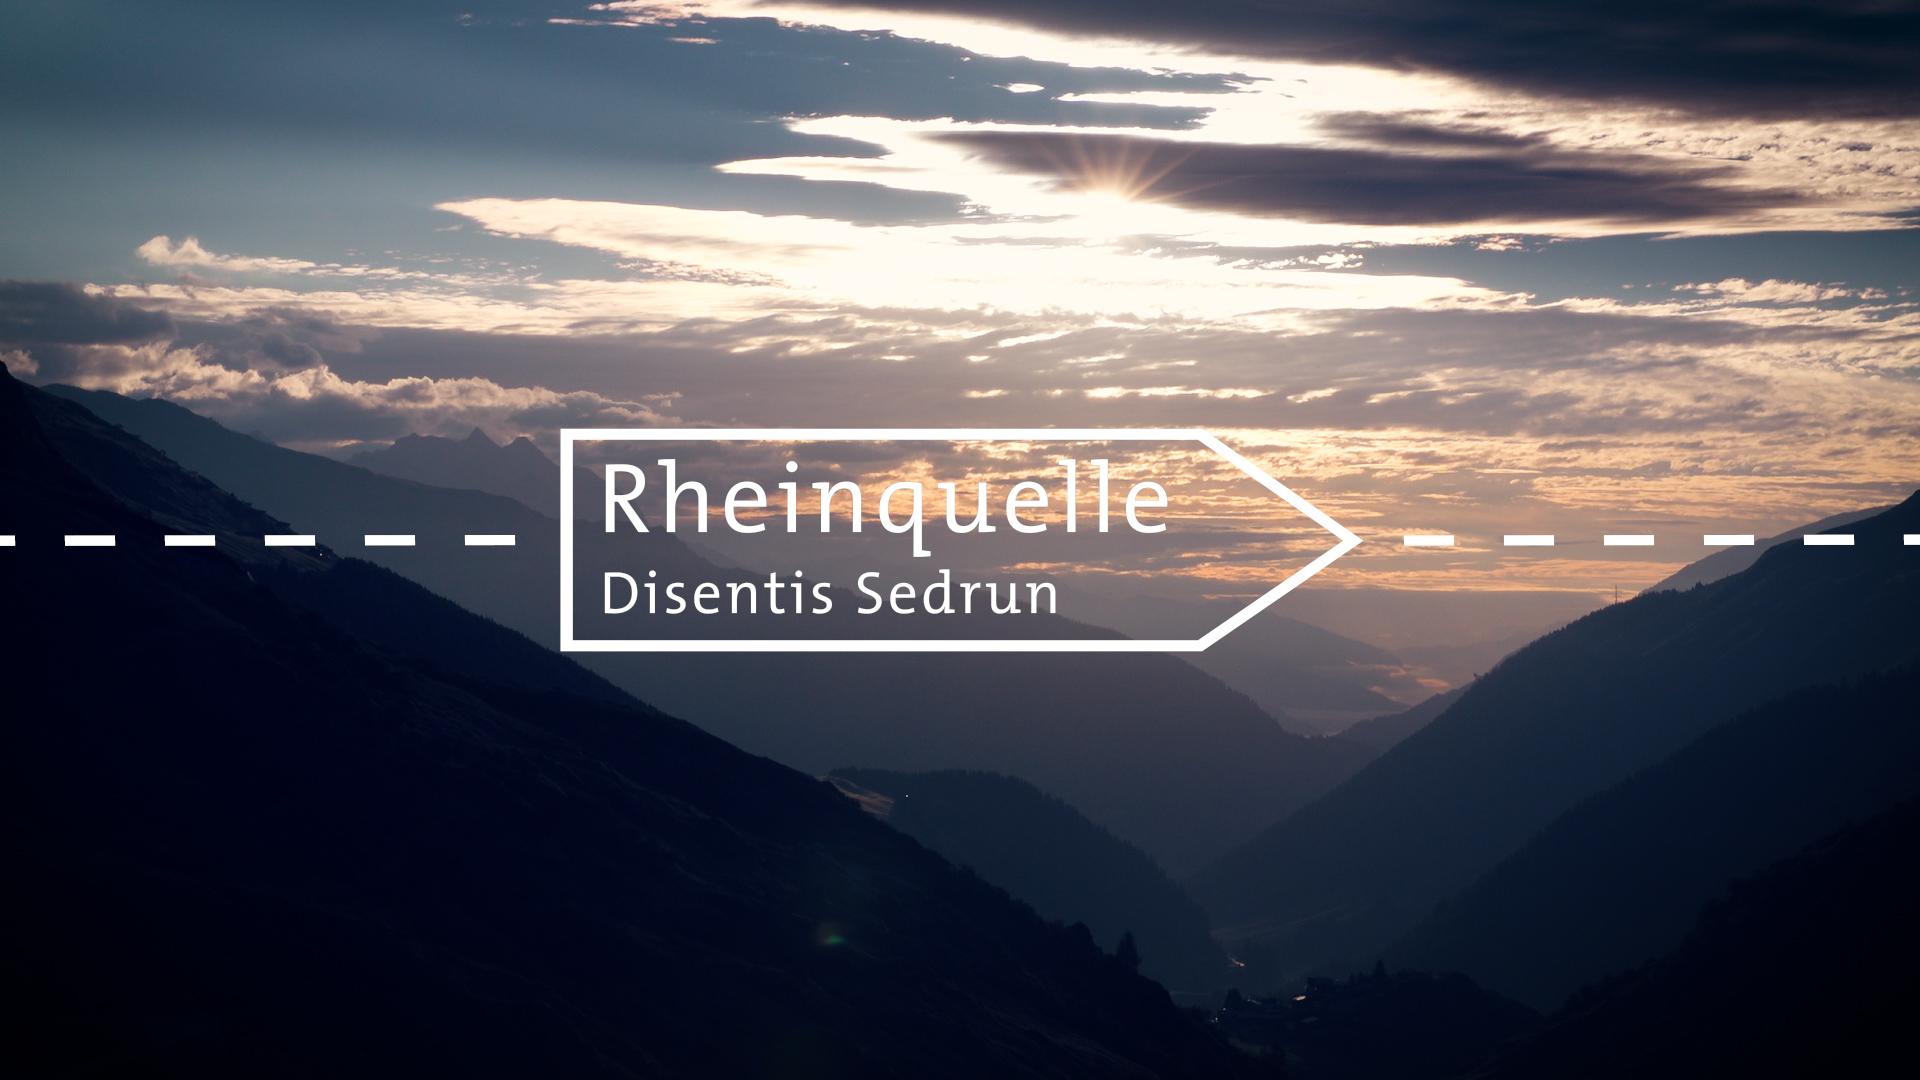 Die schönsten Wanderungen in Graubünden: Rheinquelle (Disentis Sedrun)